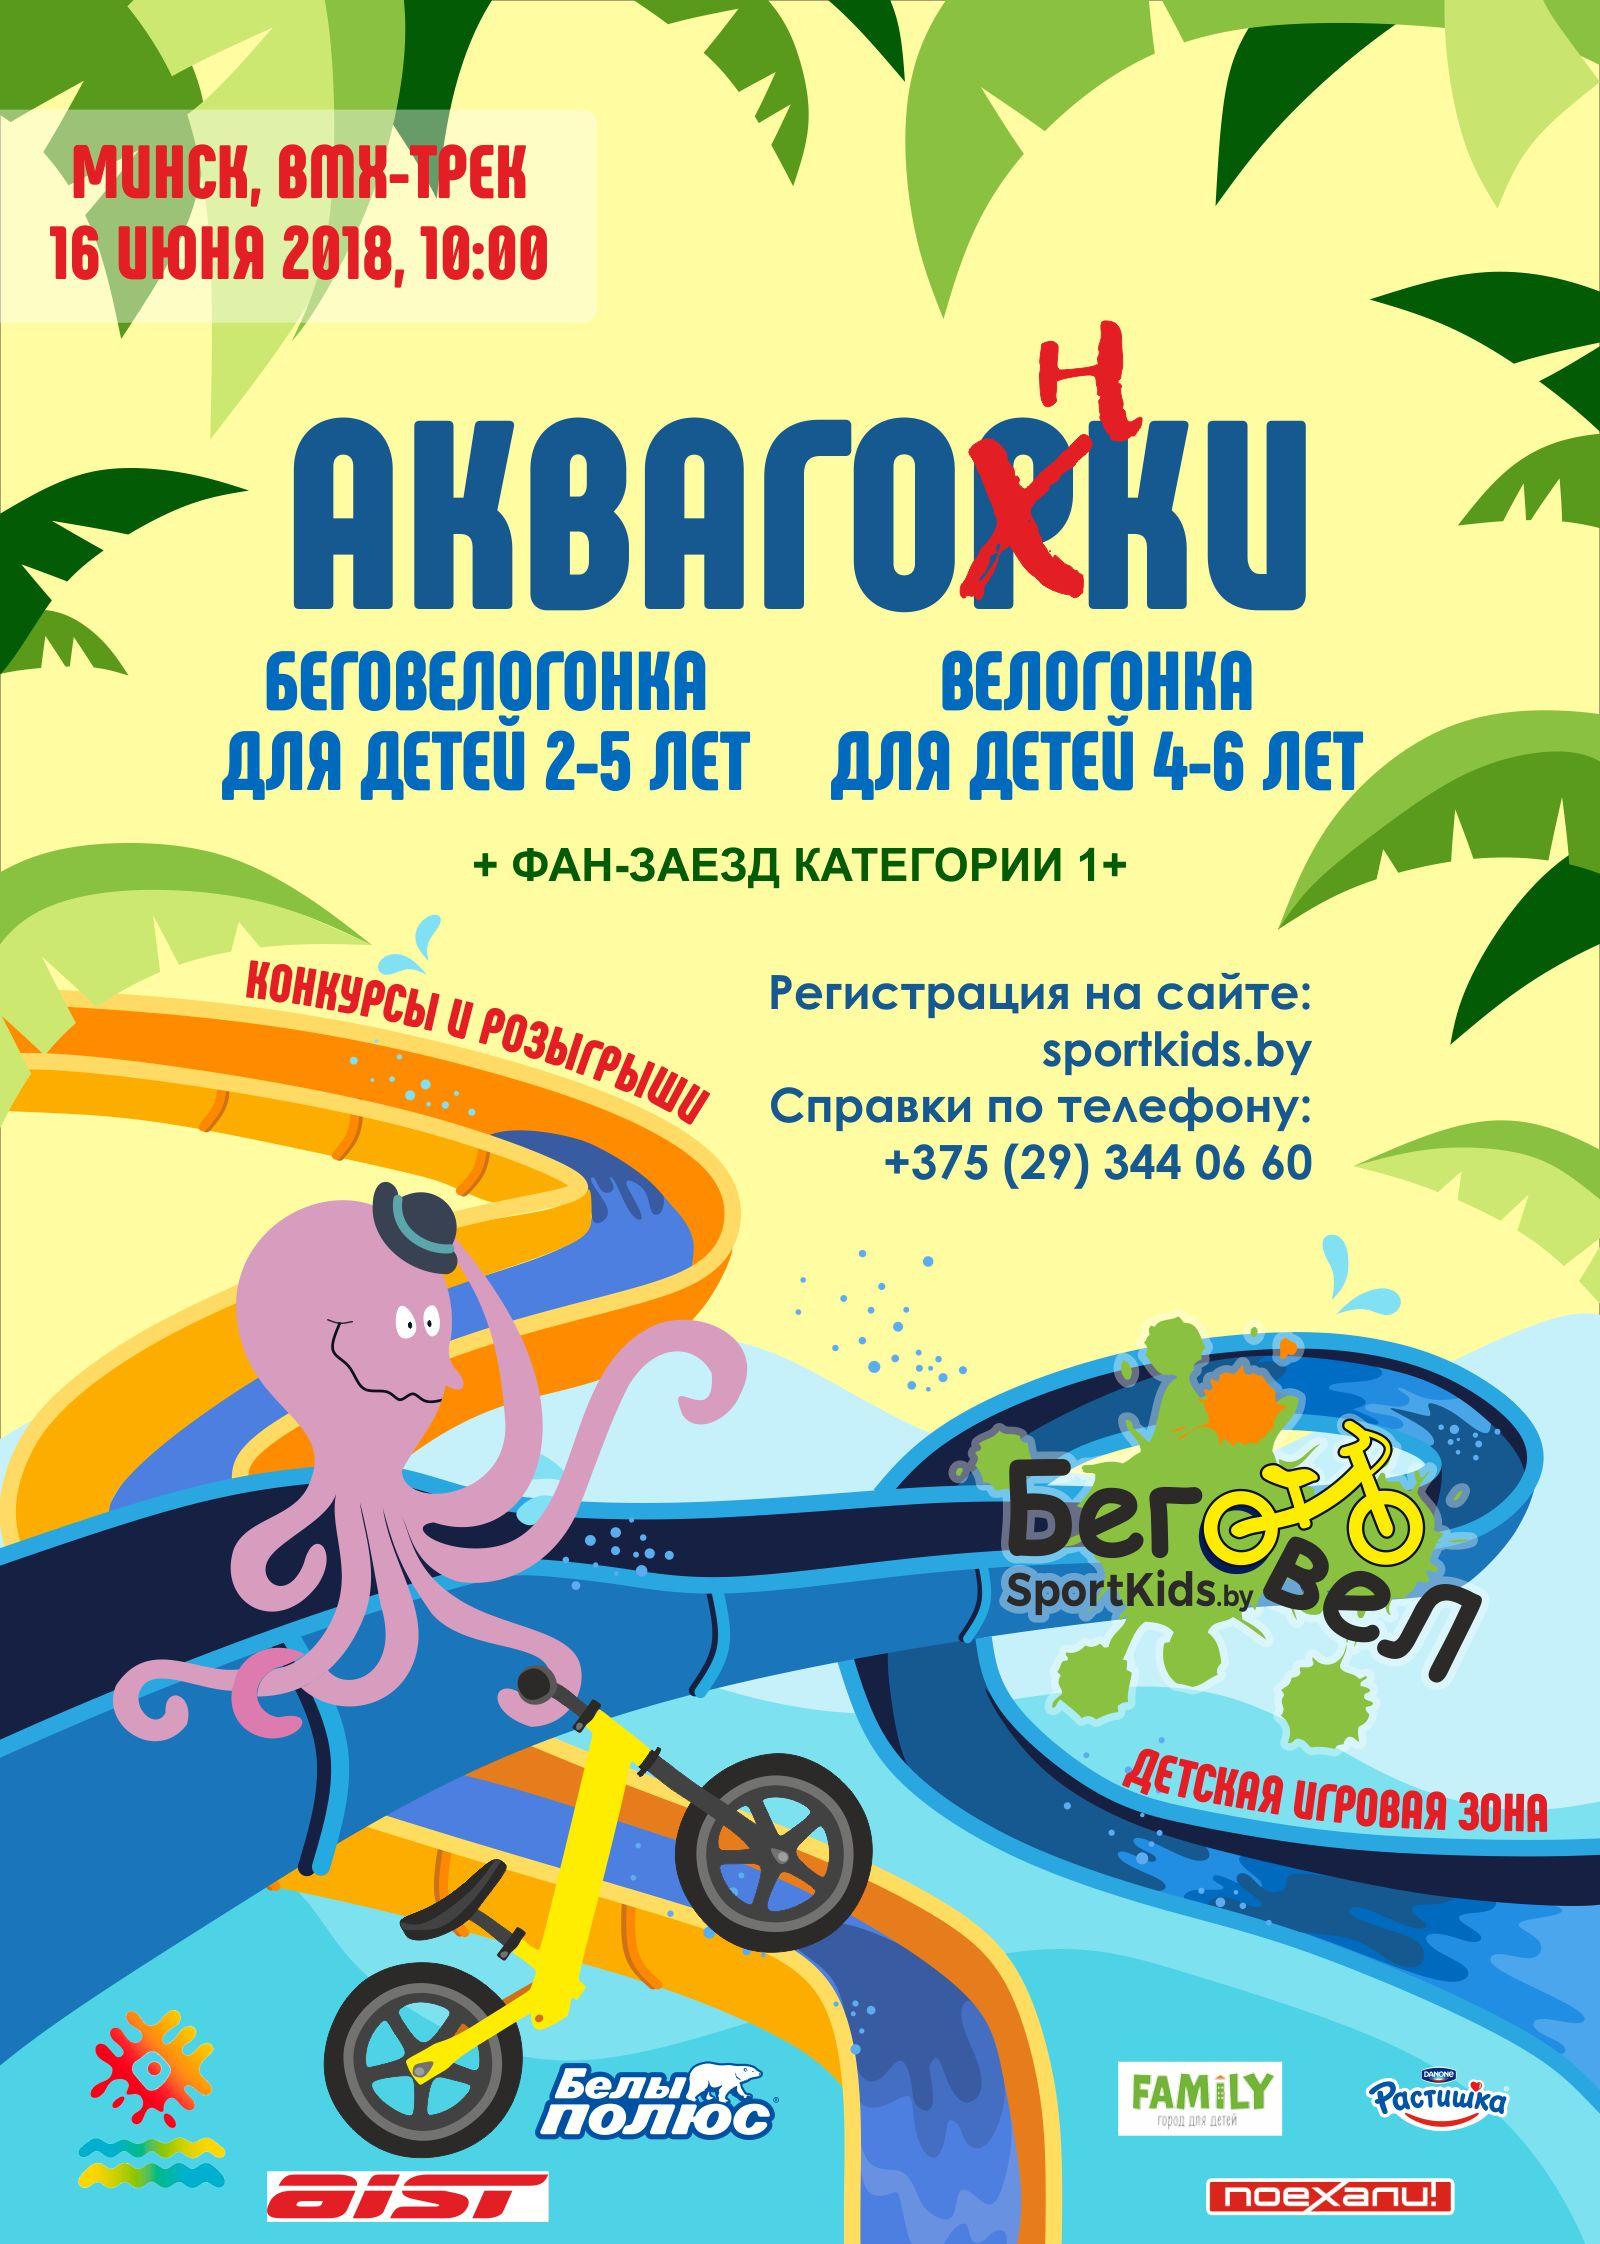 беговелогонка и велогонка на BMX-треке 16 июня 2018